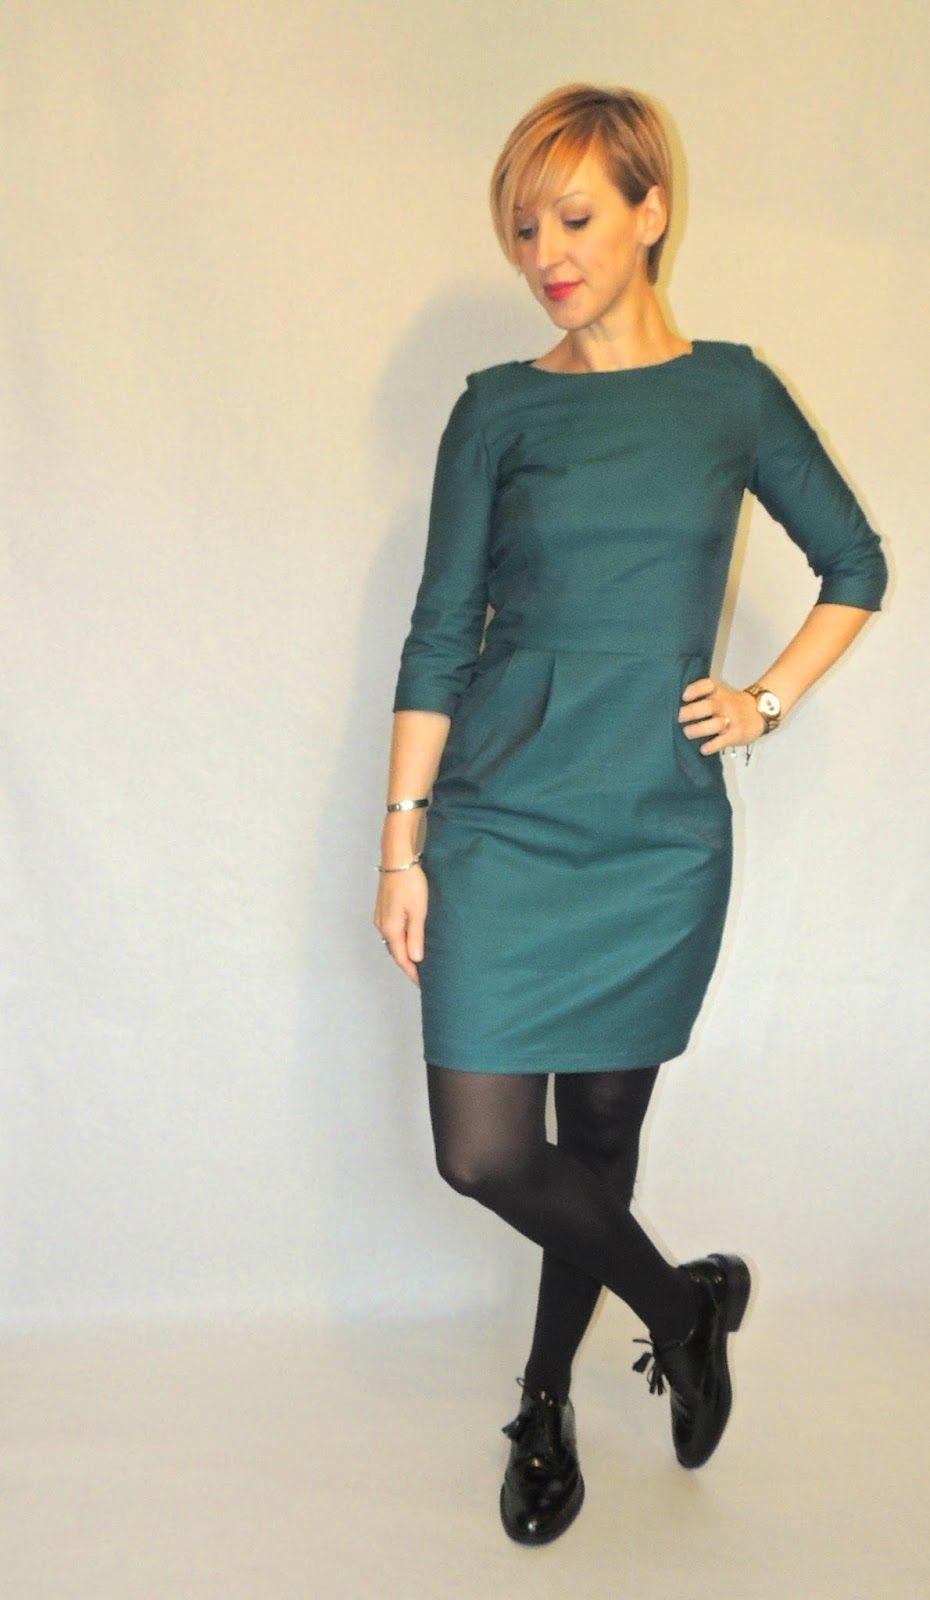 6d1607f55609 Robe Lora  2 Conseils couture   Report des pinces sur le tissu avec du  calque et roulette